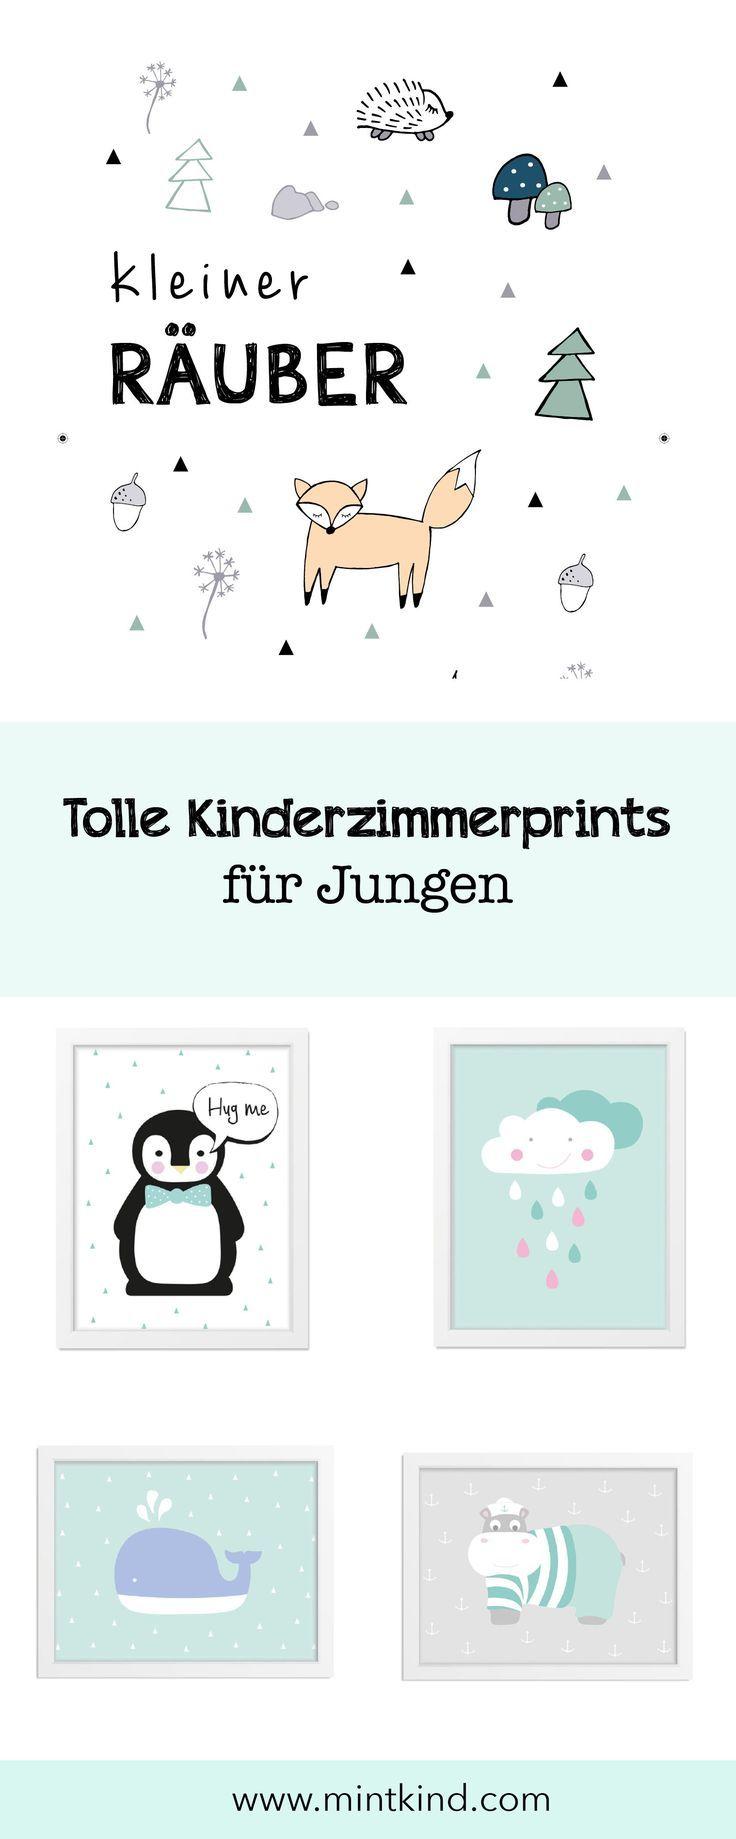 Babyzimmer Junge - schöne Kinderzimmerprints für deinen Babyjungen. Bei uns findest du süße Kinderzimmerposter - Wal, Hippo, Fuchs, Pinguin und viele weitere Lieblingsmotive findest du bei uns im Shop. Kinderzimmerinspiration, Kinderzimmer, Jungszimmer #zimmer+deko